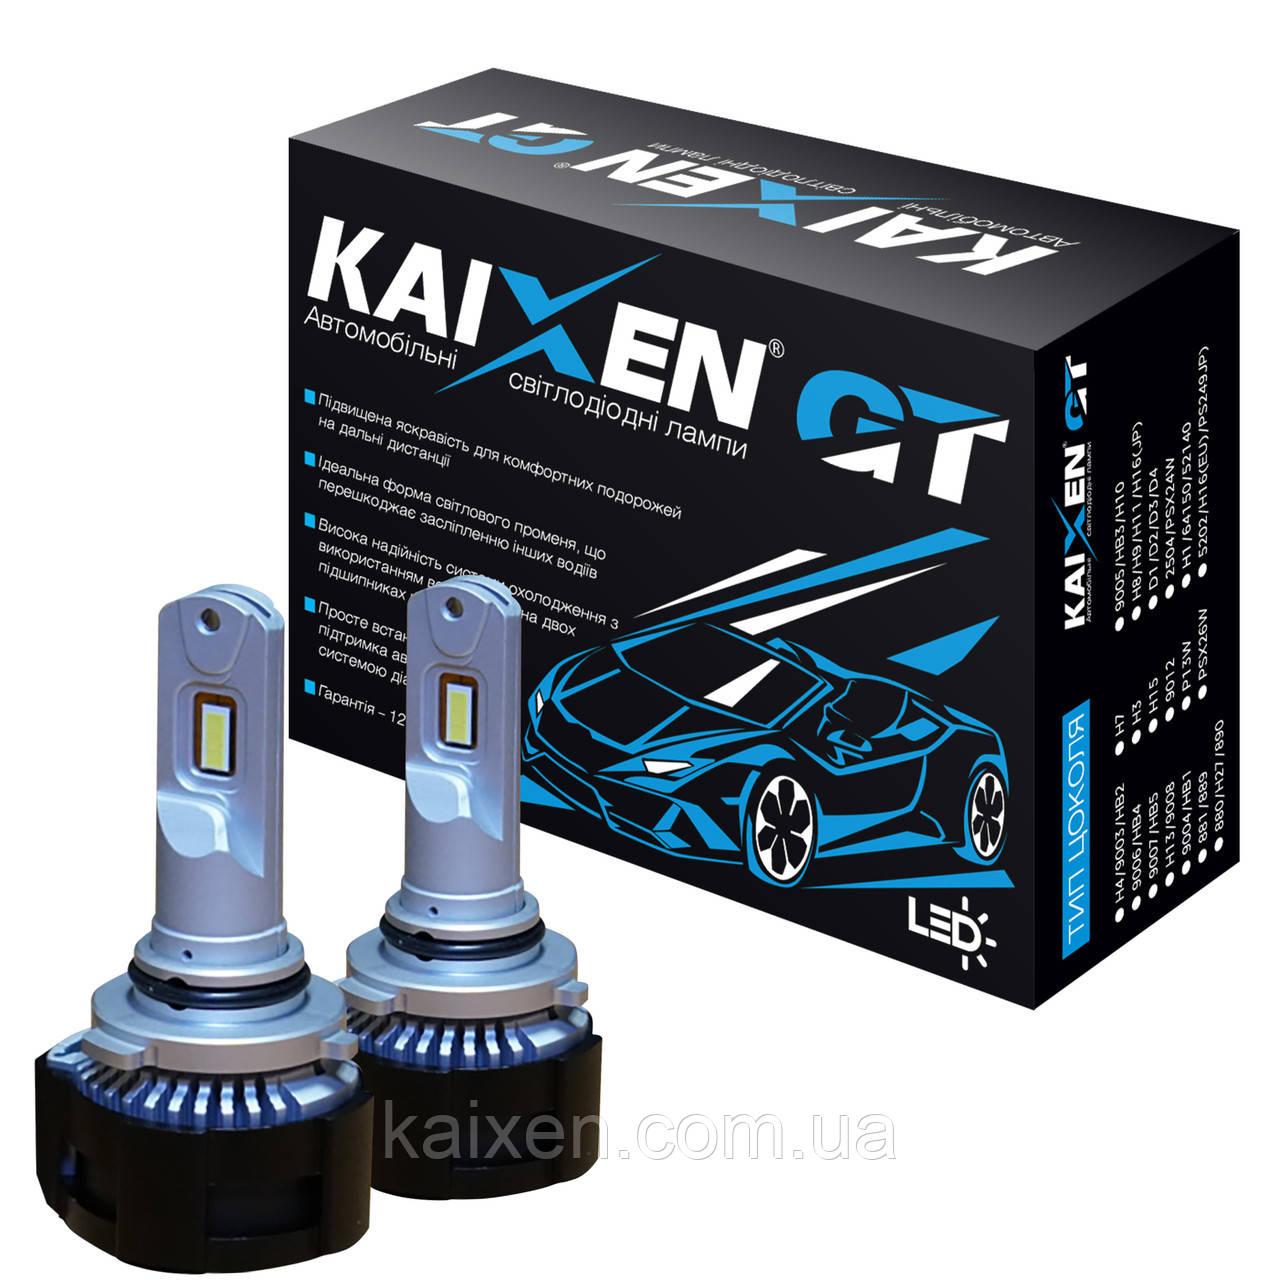 Светодиодные лампы HB4/9006 50W-6000K KAIXEN GT